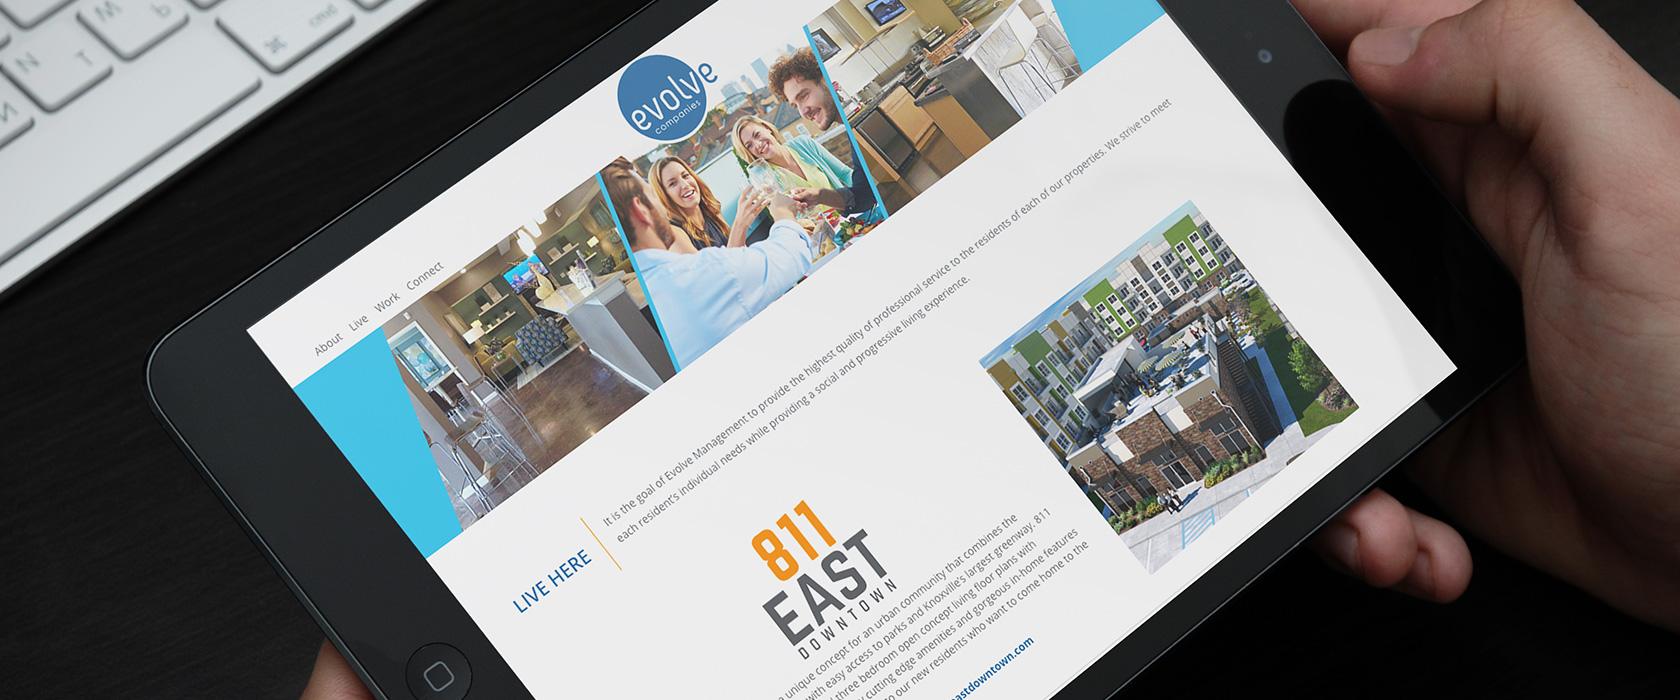 Evolve Companies Property Management Website Design